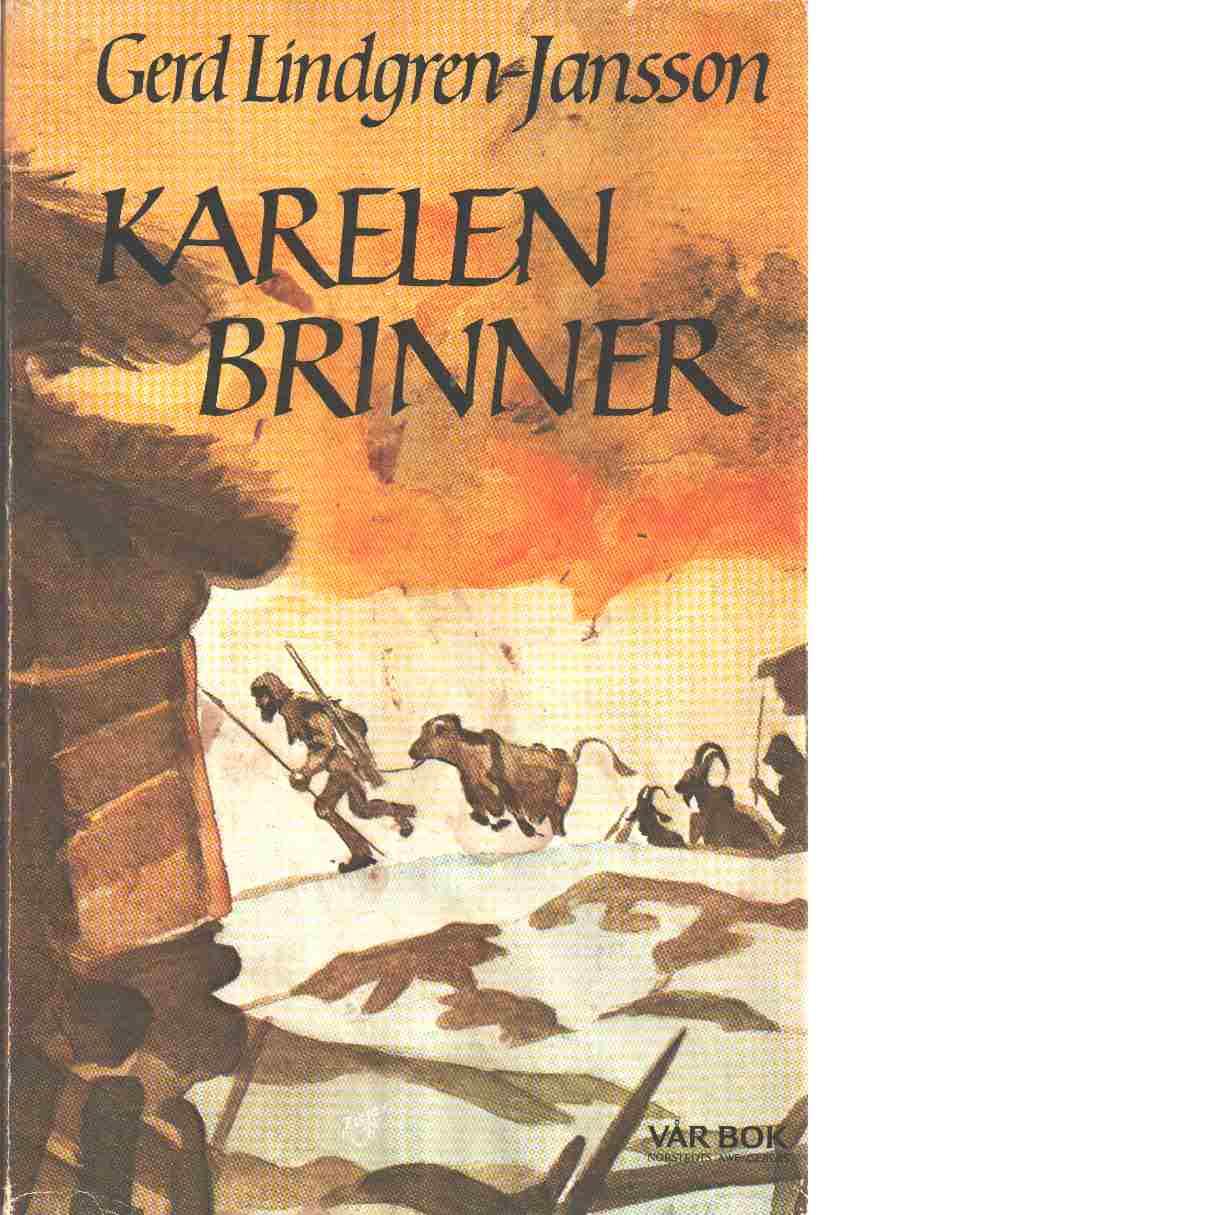 Karelen brinner - Lindgren-Jansson, Gerd